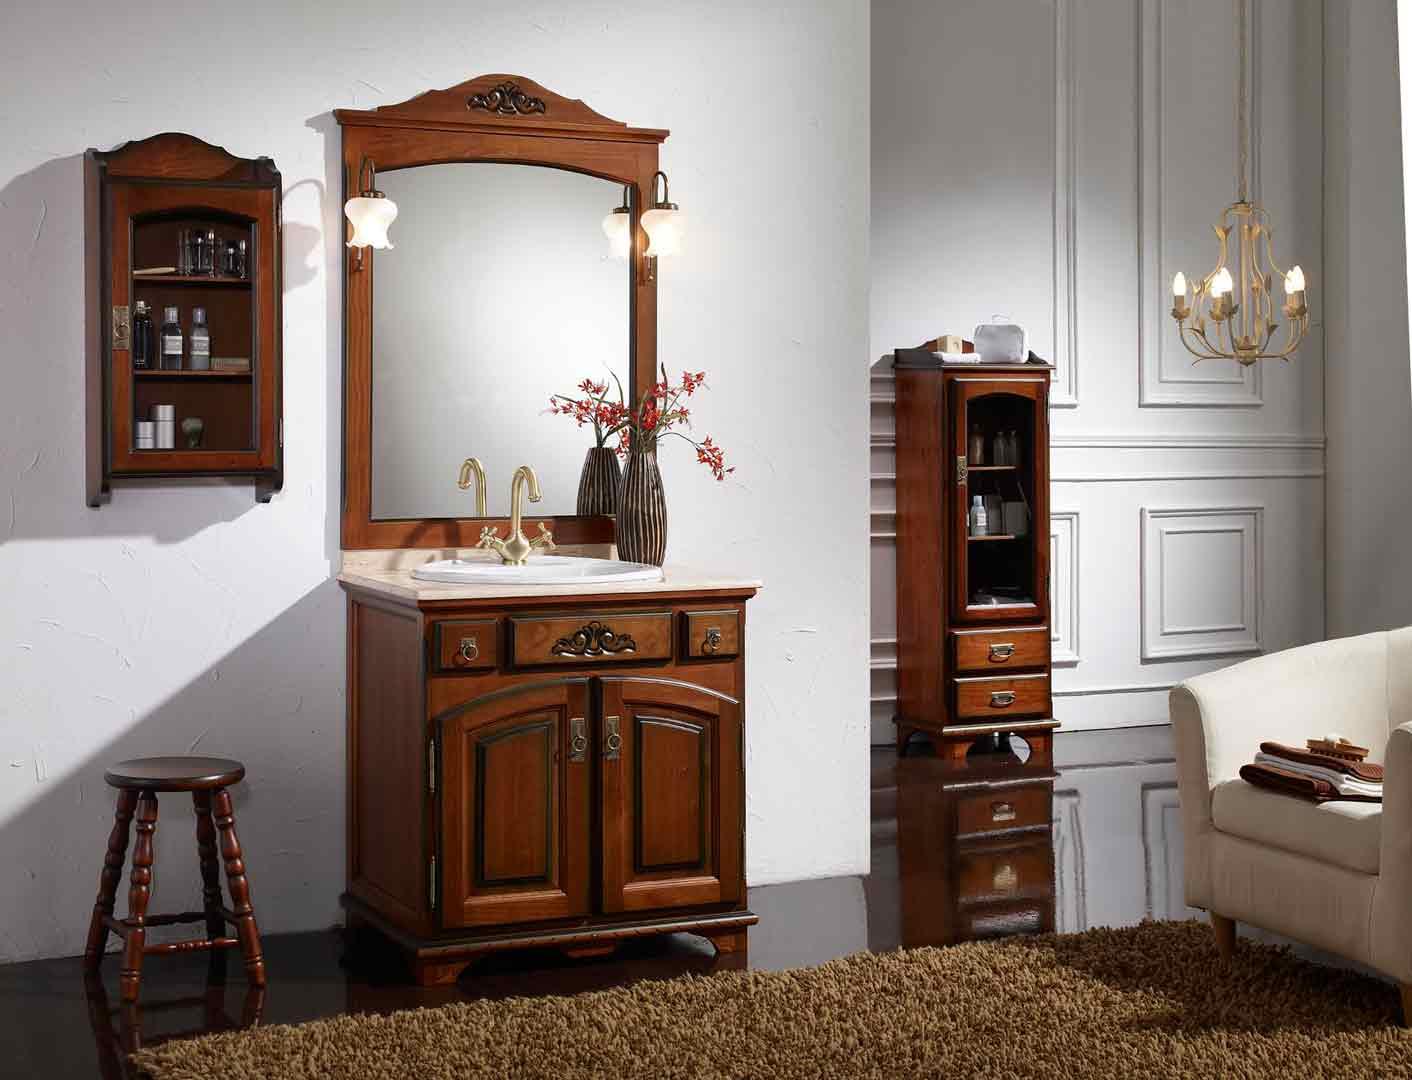 Mueble De Bao Clasico Elegant Mueble Bao Noja With Muebles De Bao  # Mueble Noja Bano